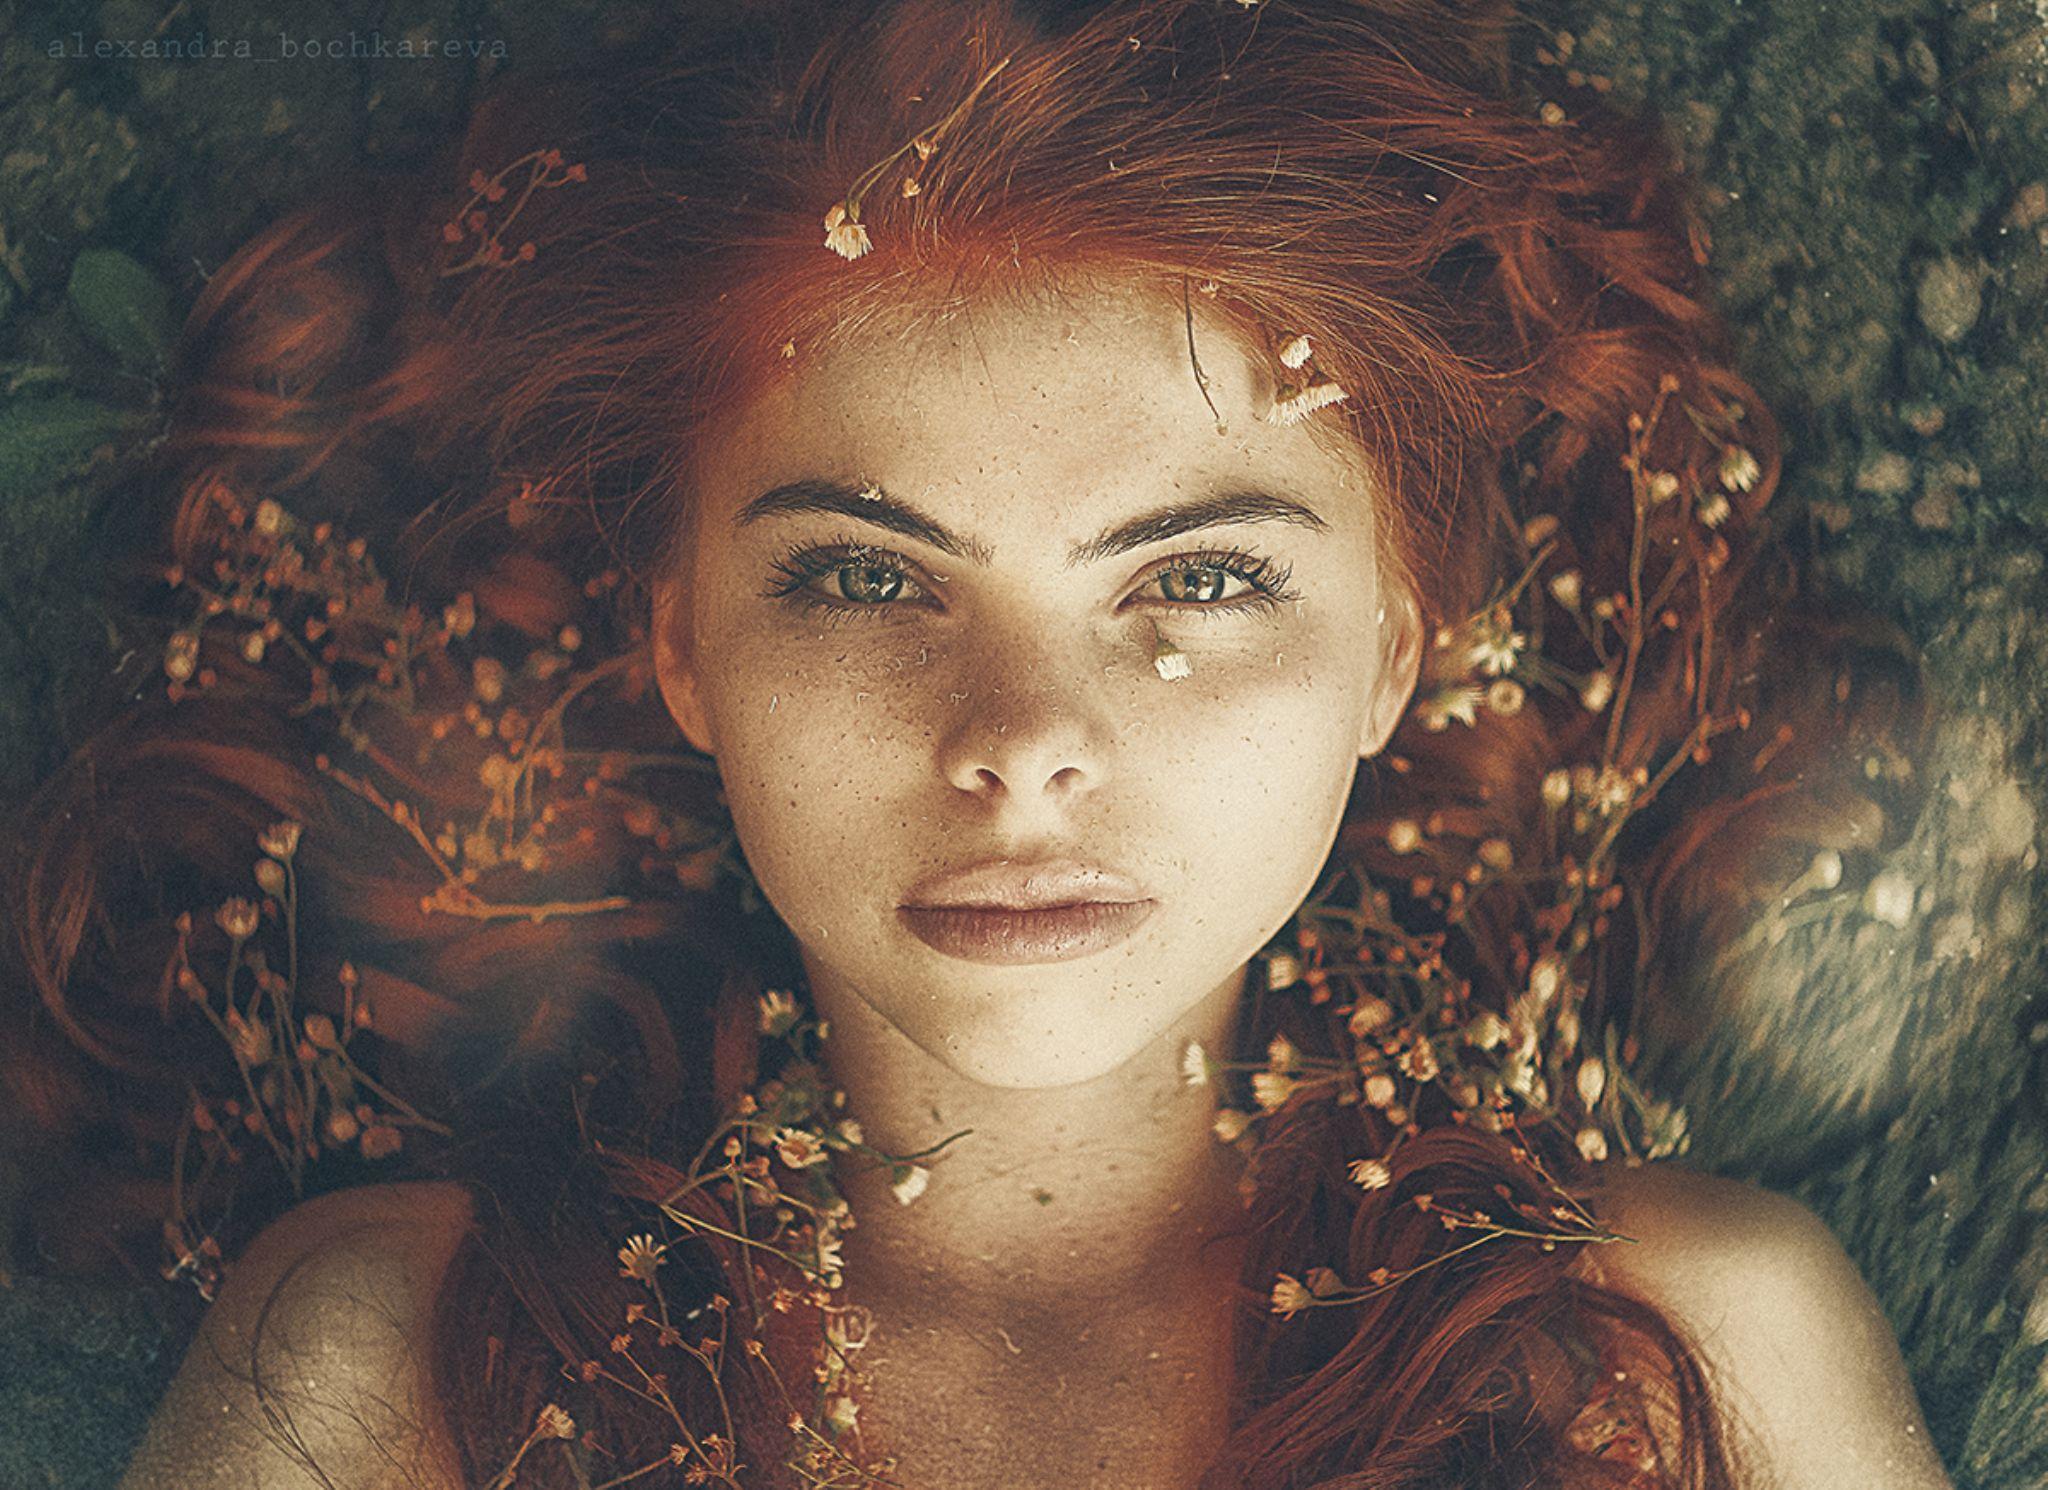 * by Alexandra Bochkareva